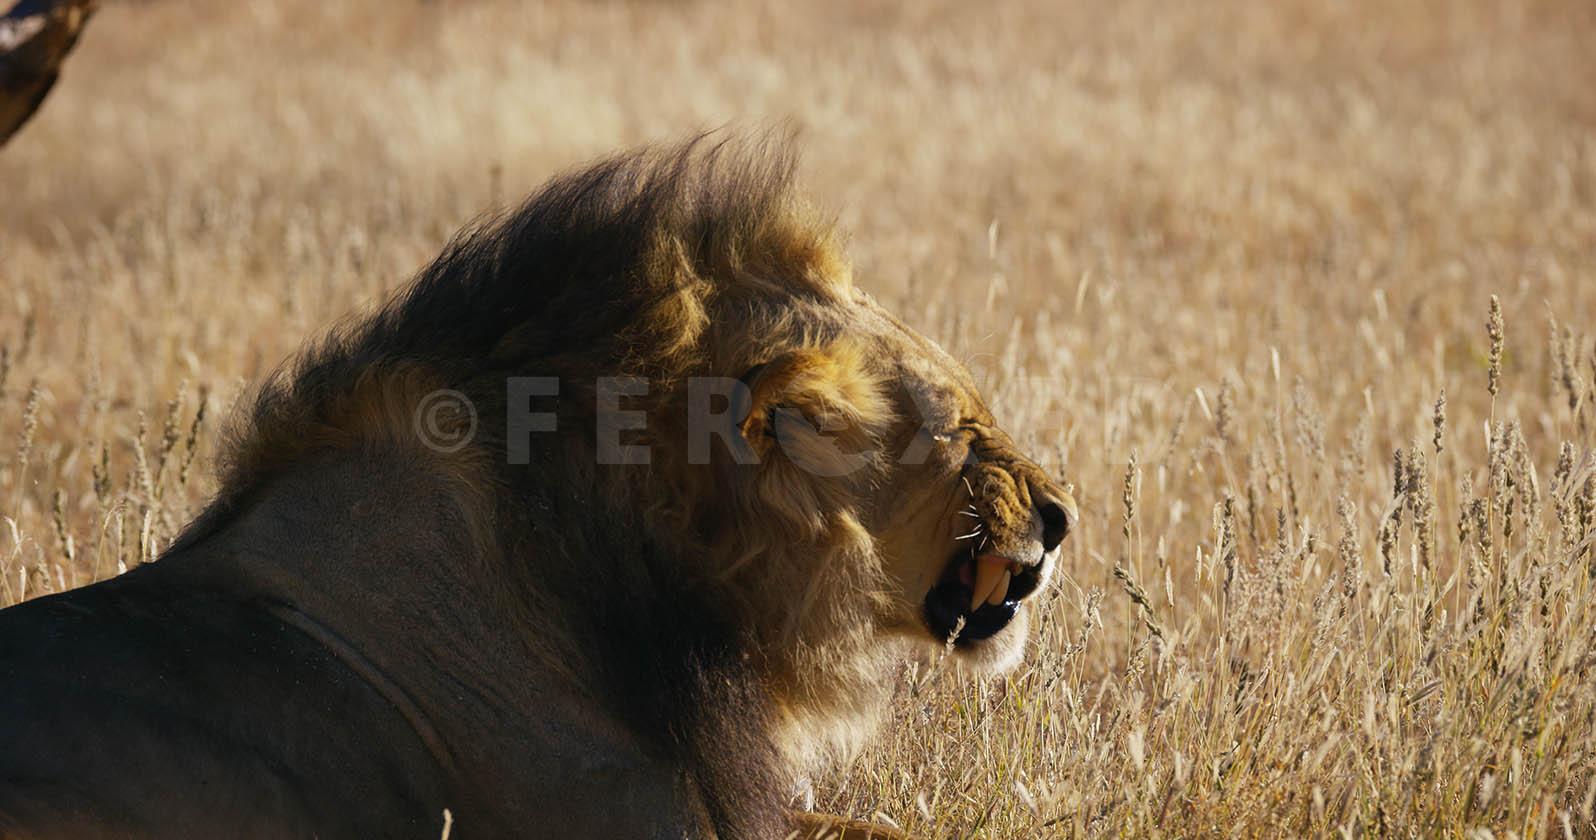 Lion Kgahagadi 2018 b_1.16.1.jpg